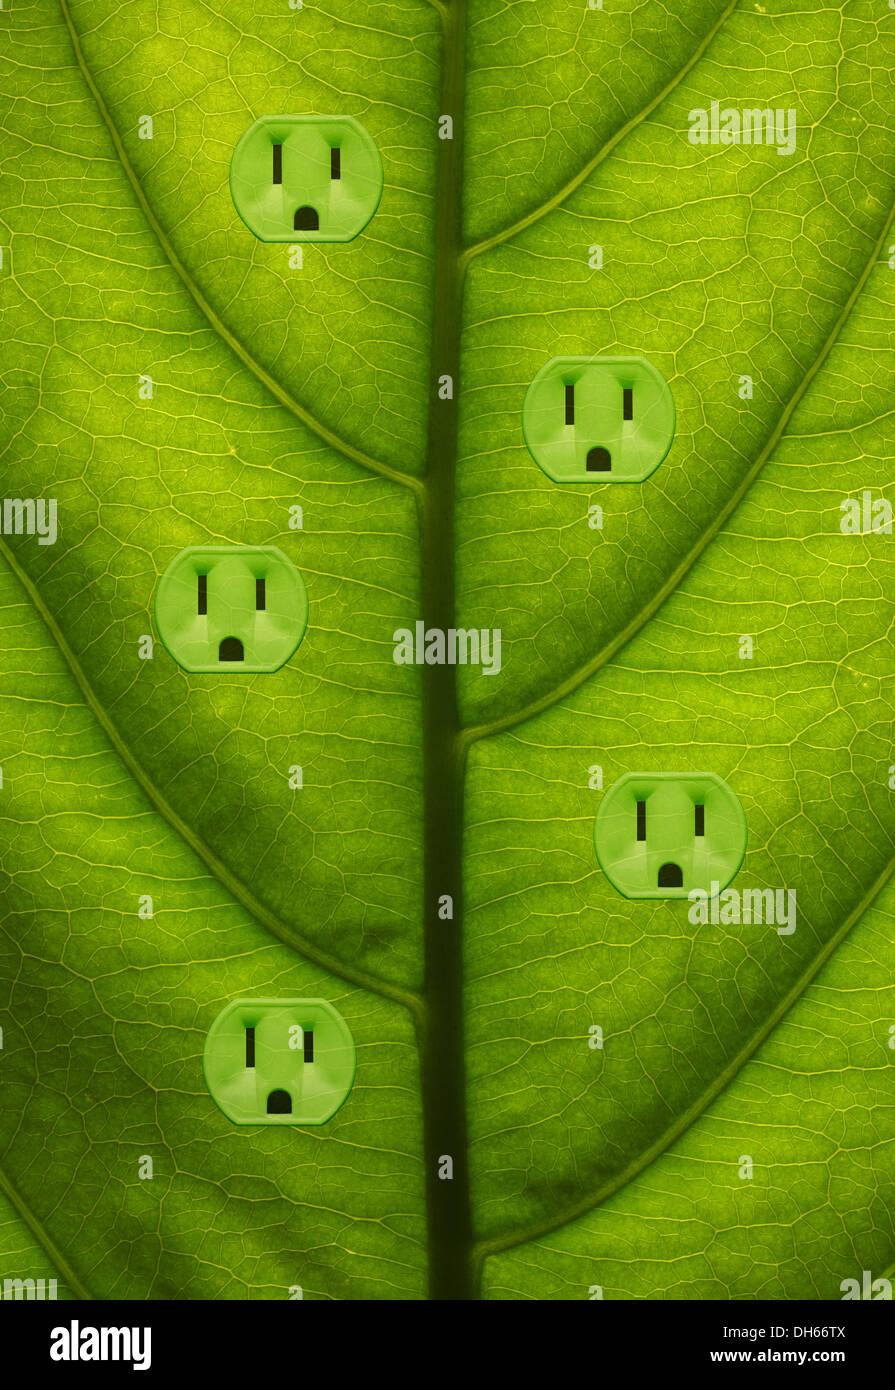 Cierre de una planta verde hoja con cinco tomas de color verde, agregó. Imagen De Stock